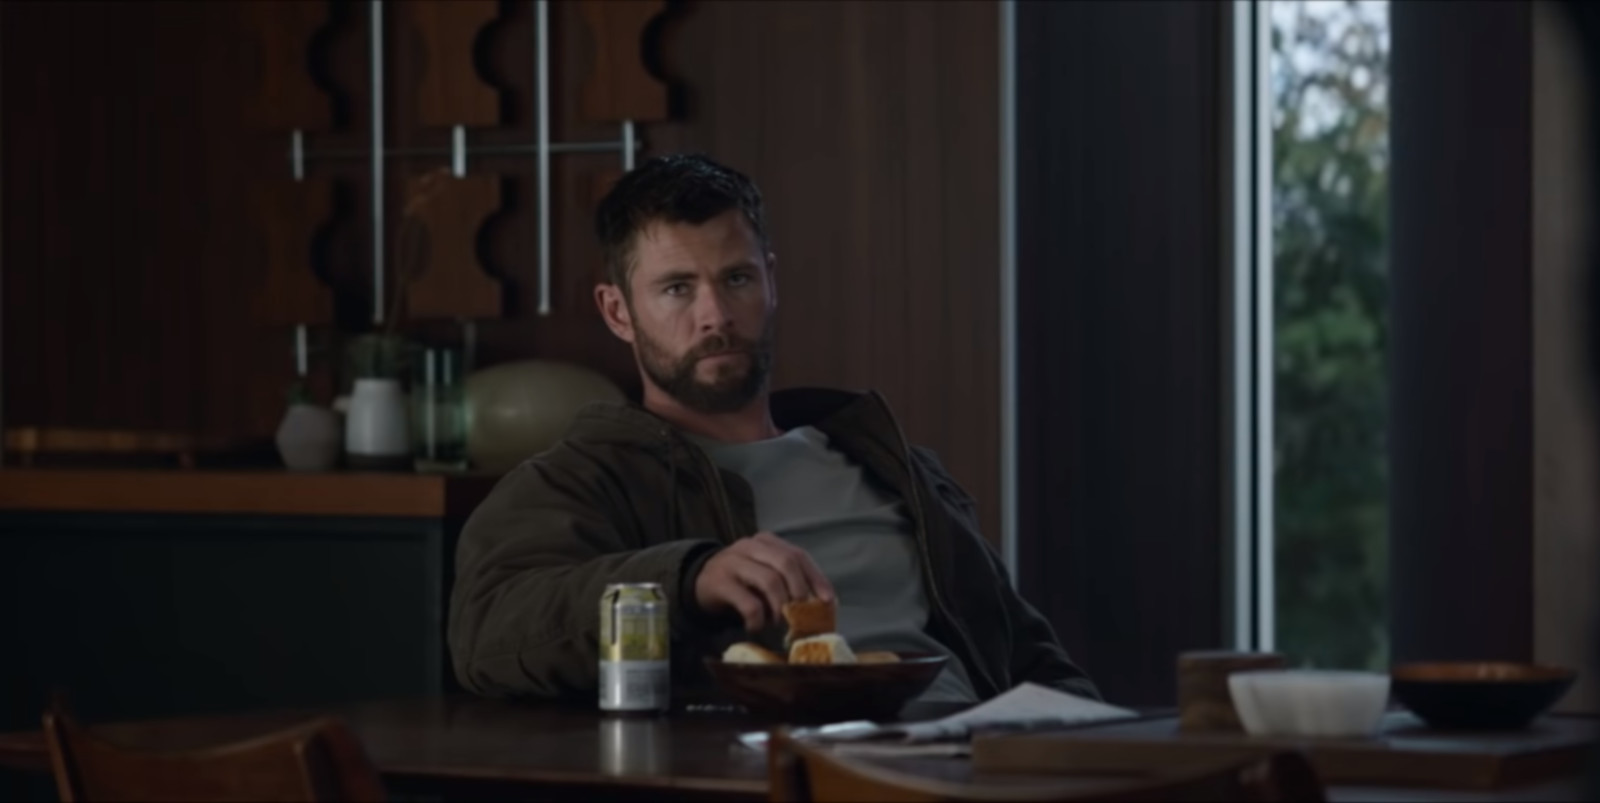 Endgame Trailer Photo: Avengers: Endgame Trailer #3 Breakdown & Story Reveals